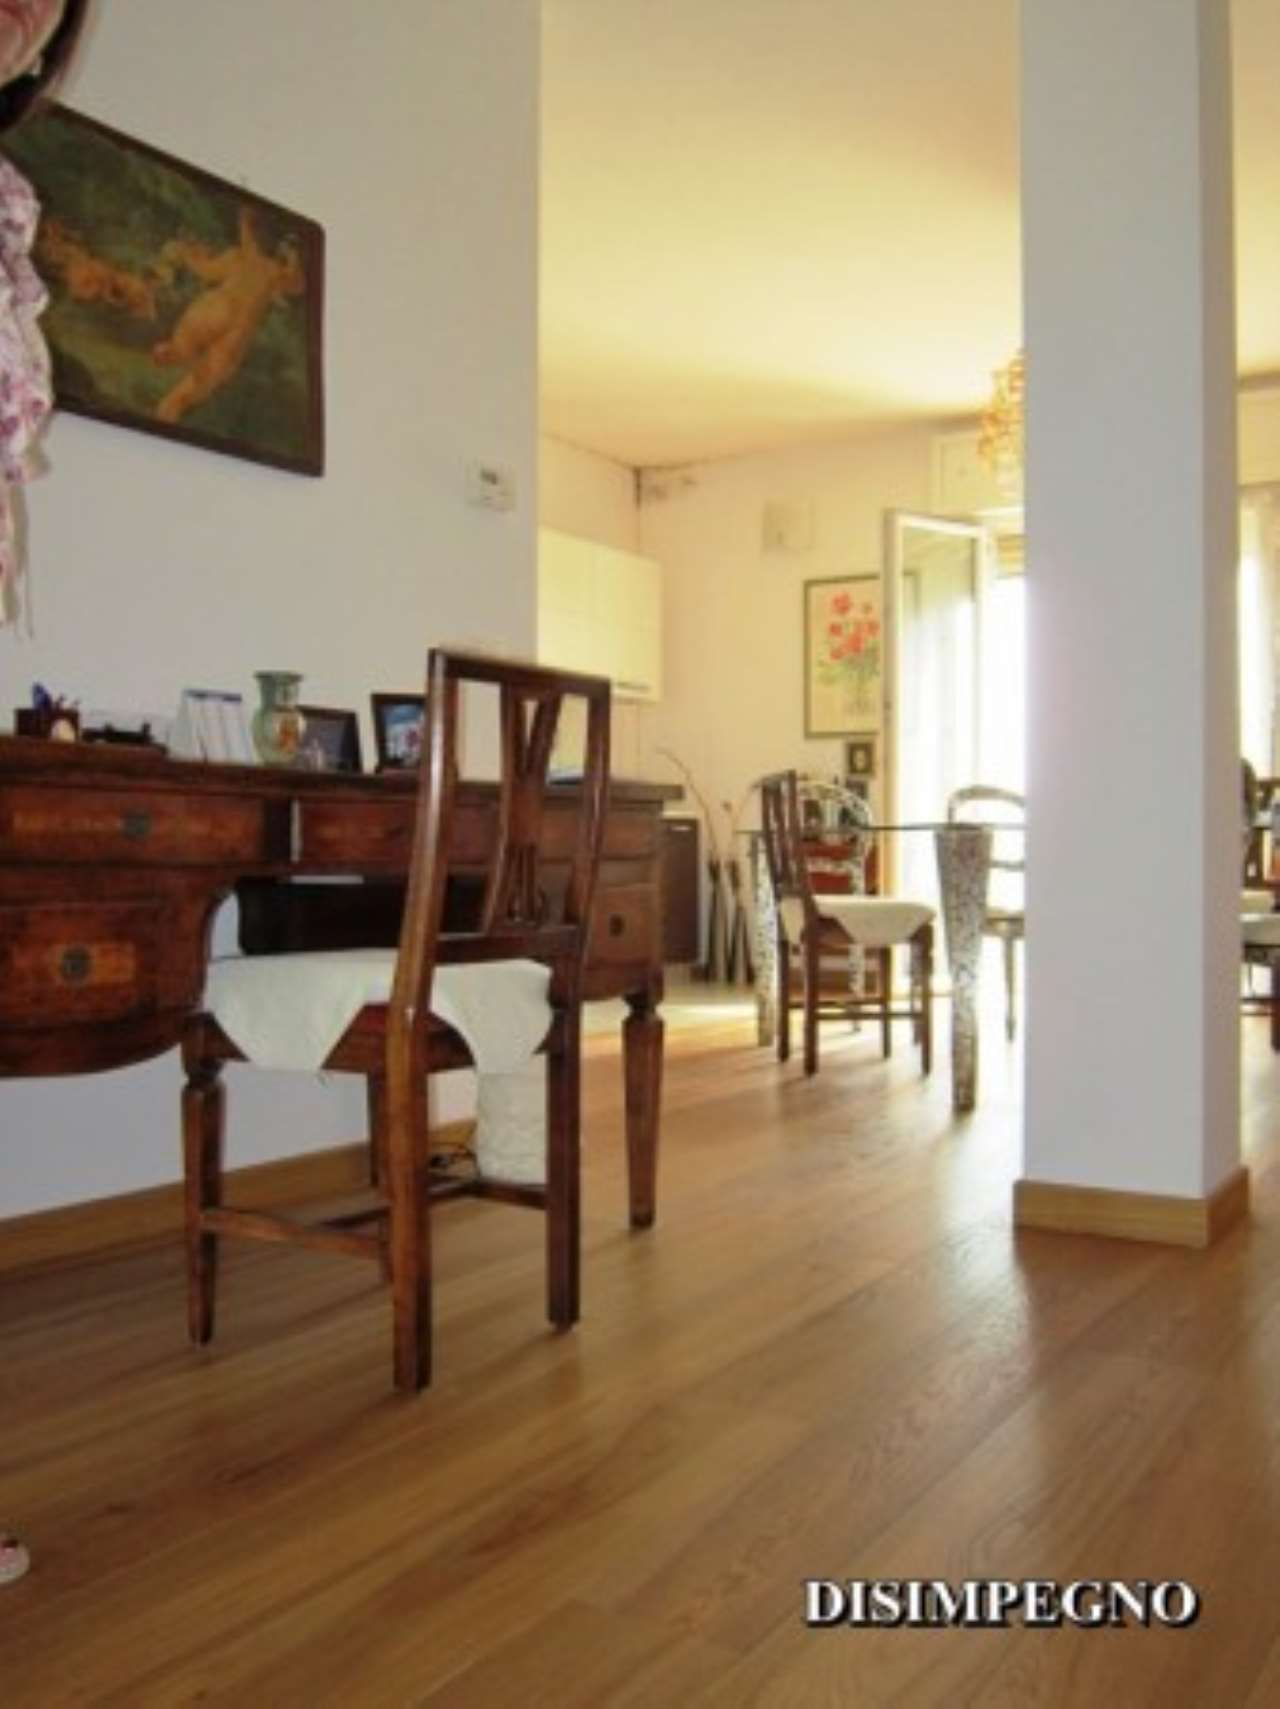 Attico / Mansarda in vendita a Chioggia, 2 locali, prezzo € 290.000 | Cambio Casa.it